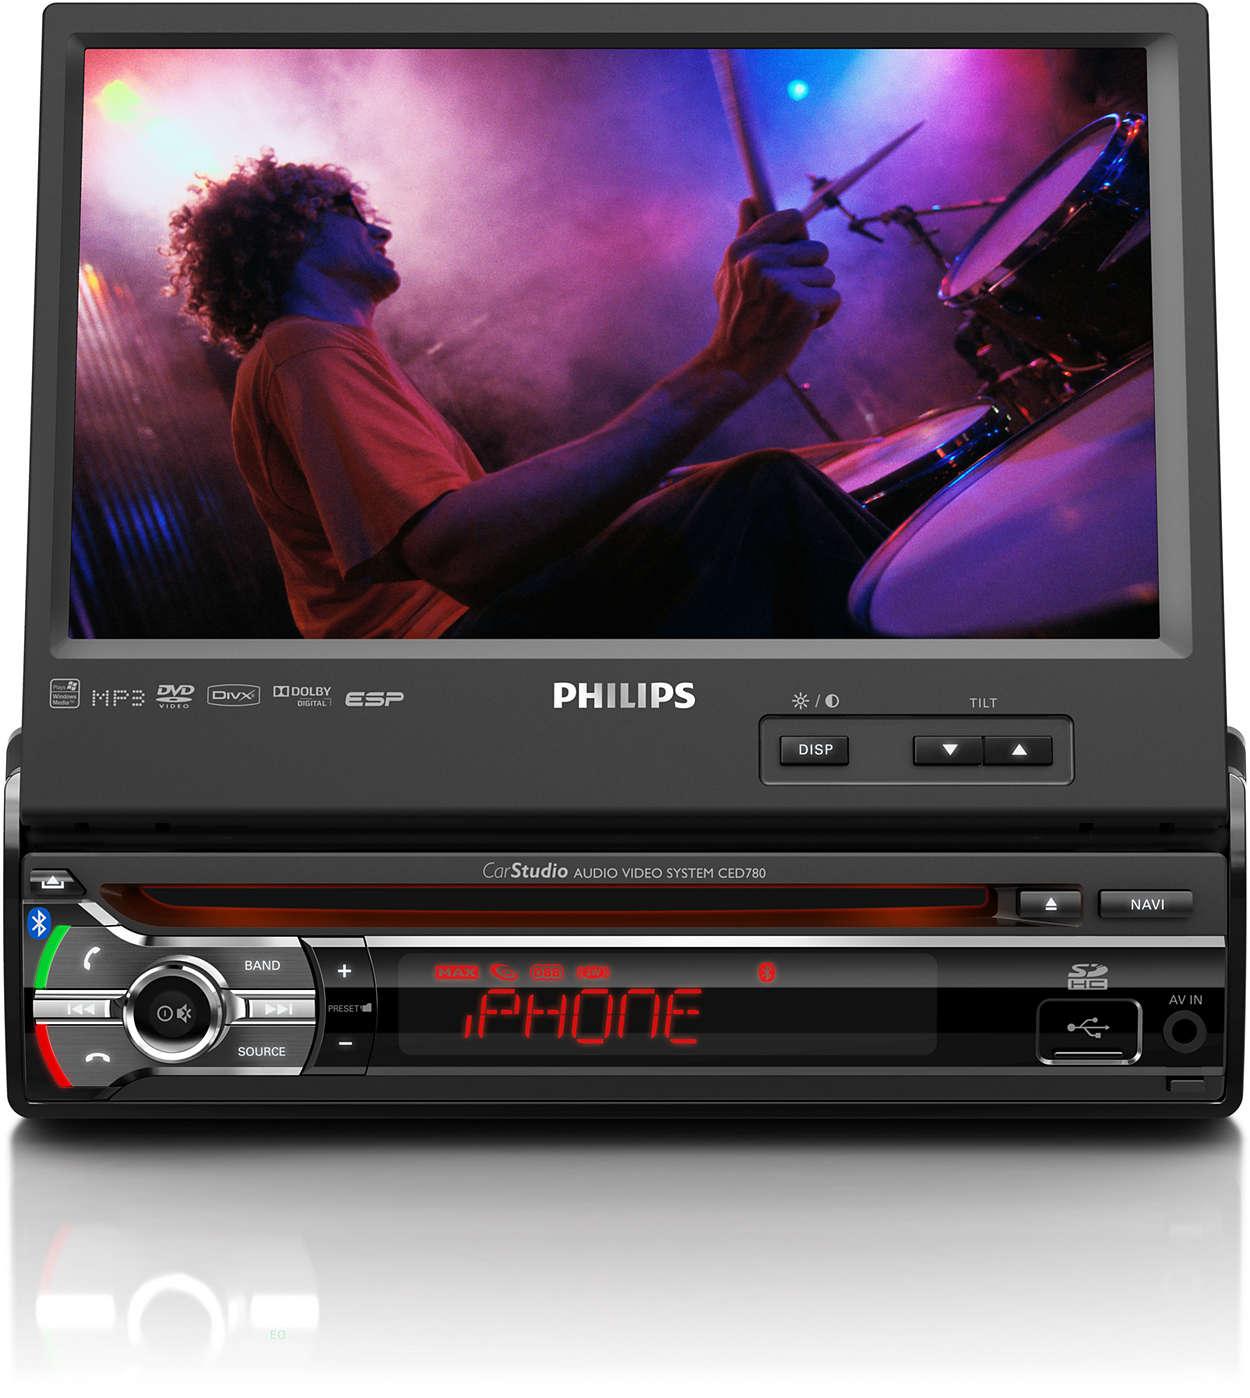 Experimentaţi muzica live cu imagine video în maşina dvs.